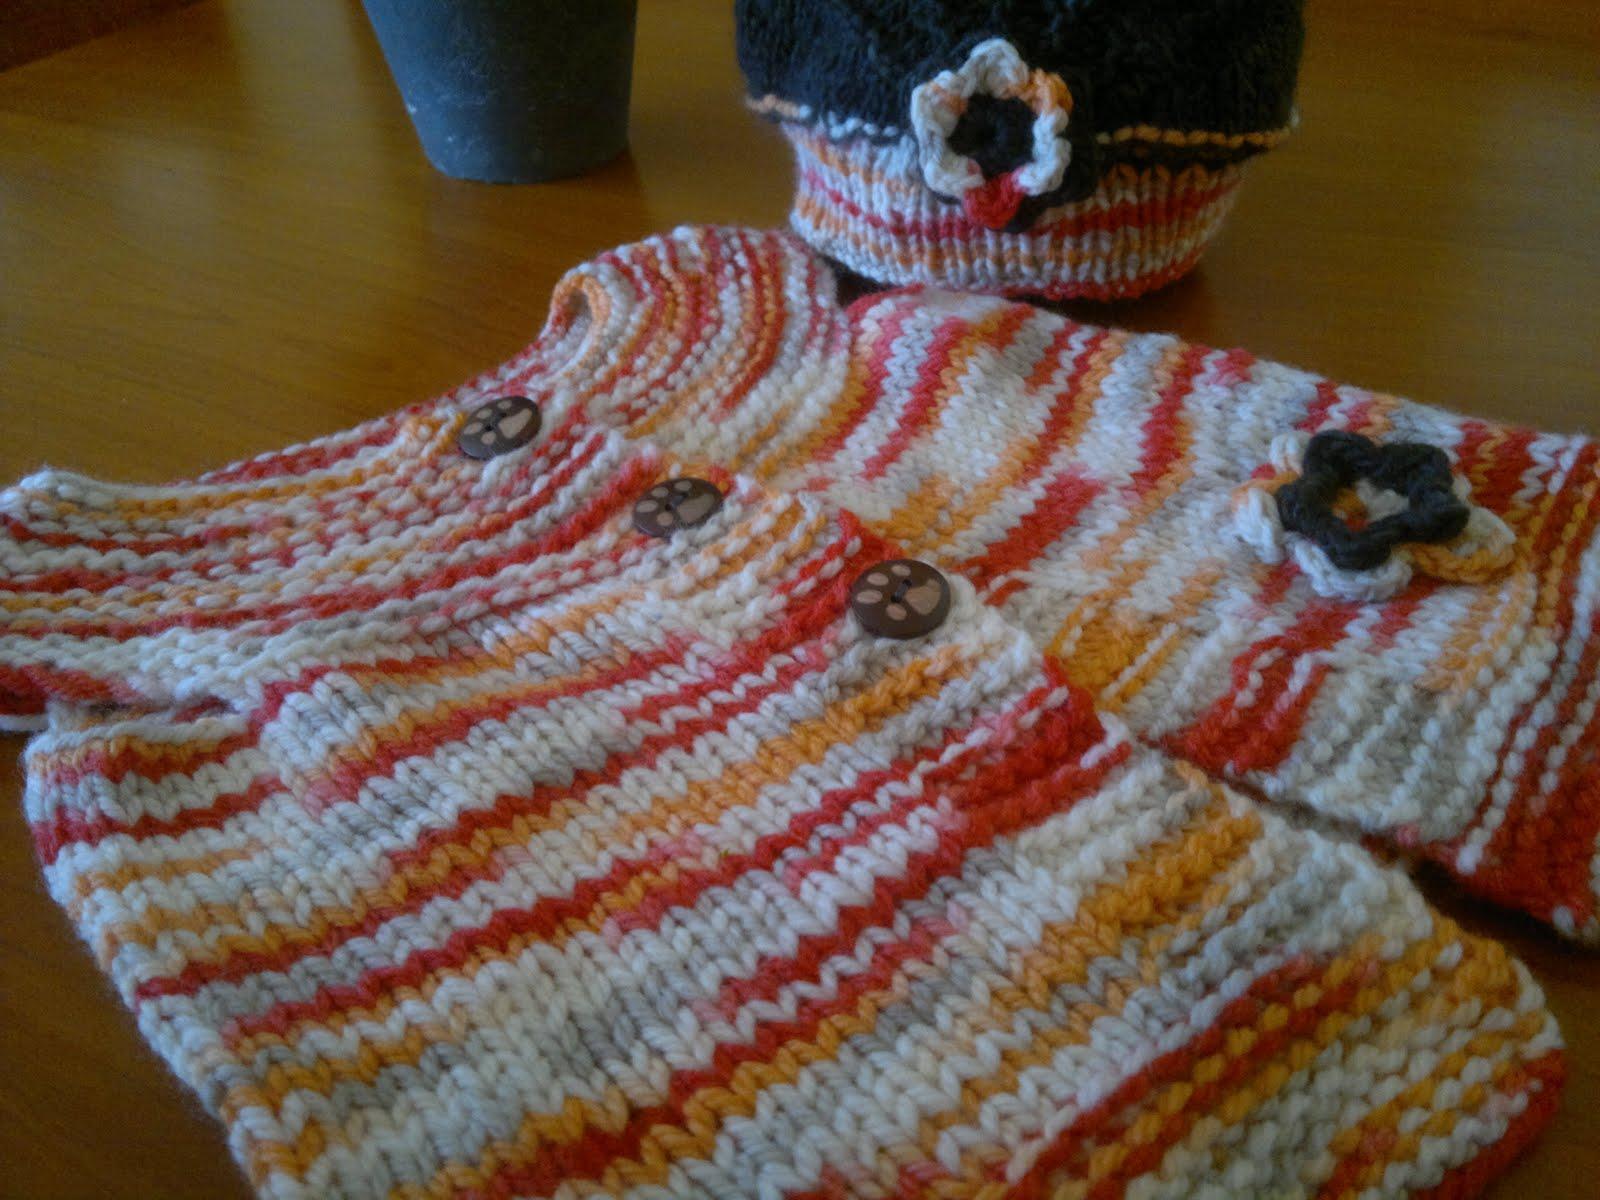 Crochet Jersey Stitch : para una peque?a princesa ~ Juntitoscrafts punto y manualidades